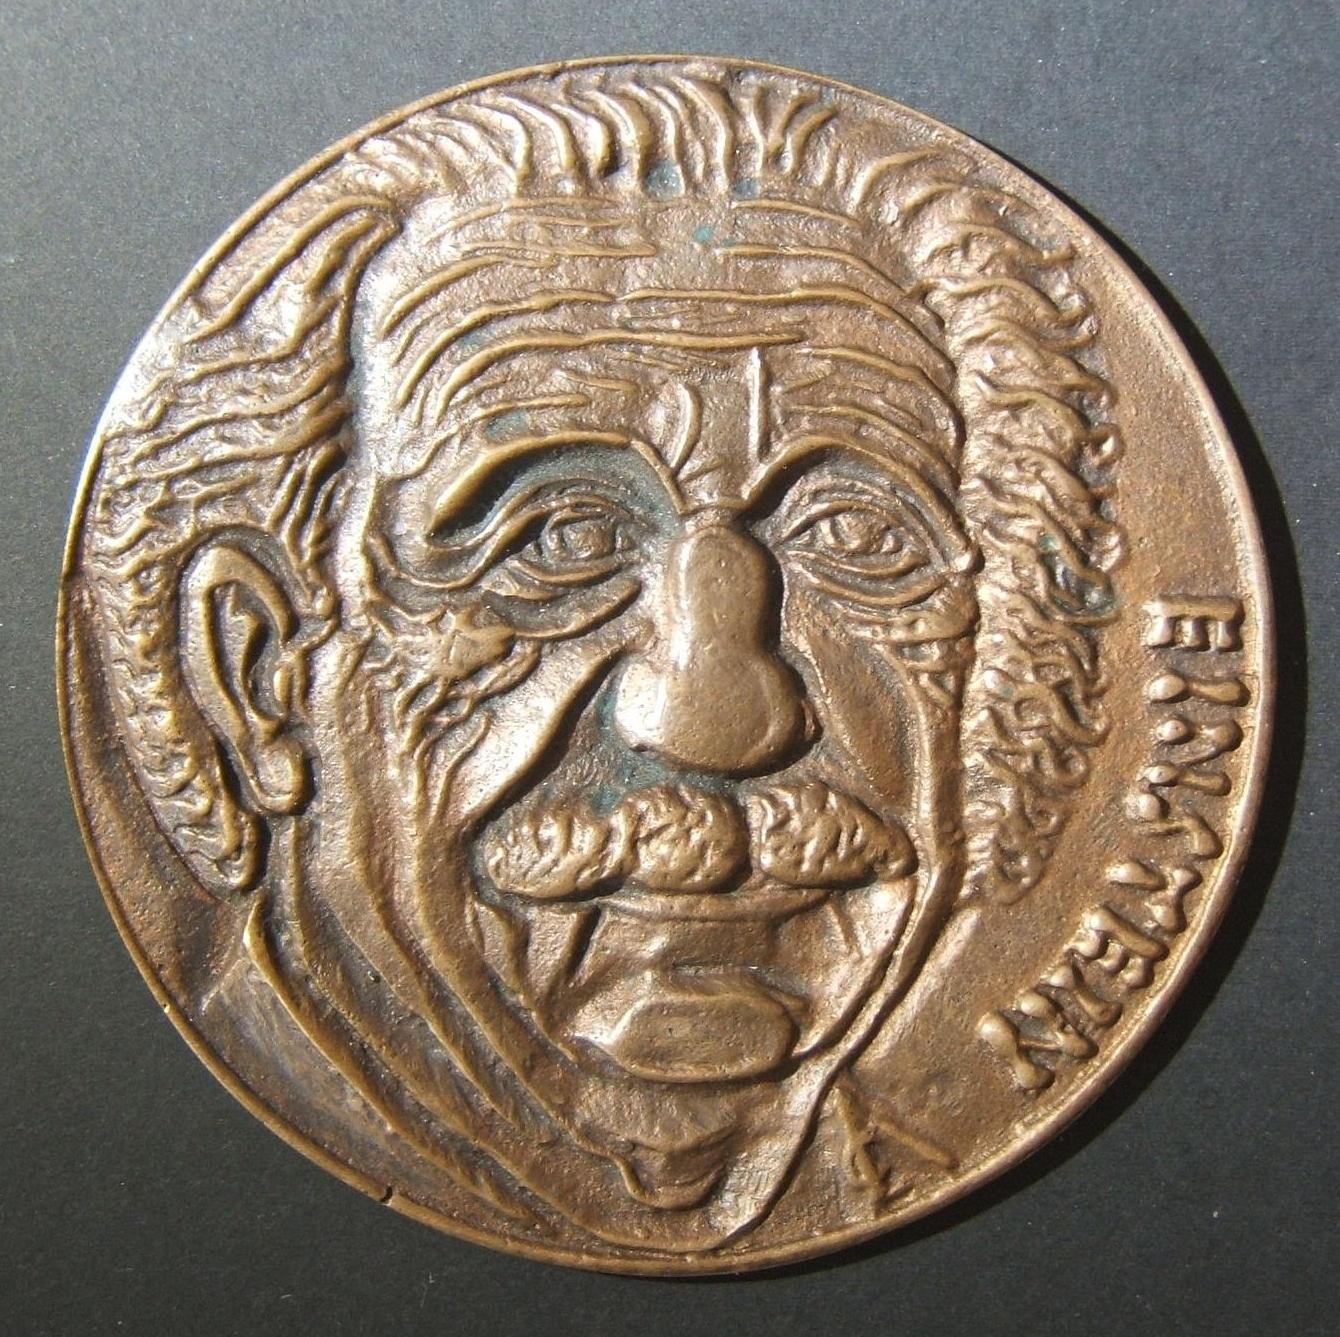 Ungarn: Albert Einstein Uniface-Bronzemedaille von László Csontos, ND; Größe: 92,25 mm; Gewicht: 170,4 g. Csontos (geb. in 1925) machte eine Reihe von großen Uniface-Porträt-Medail